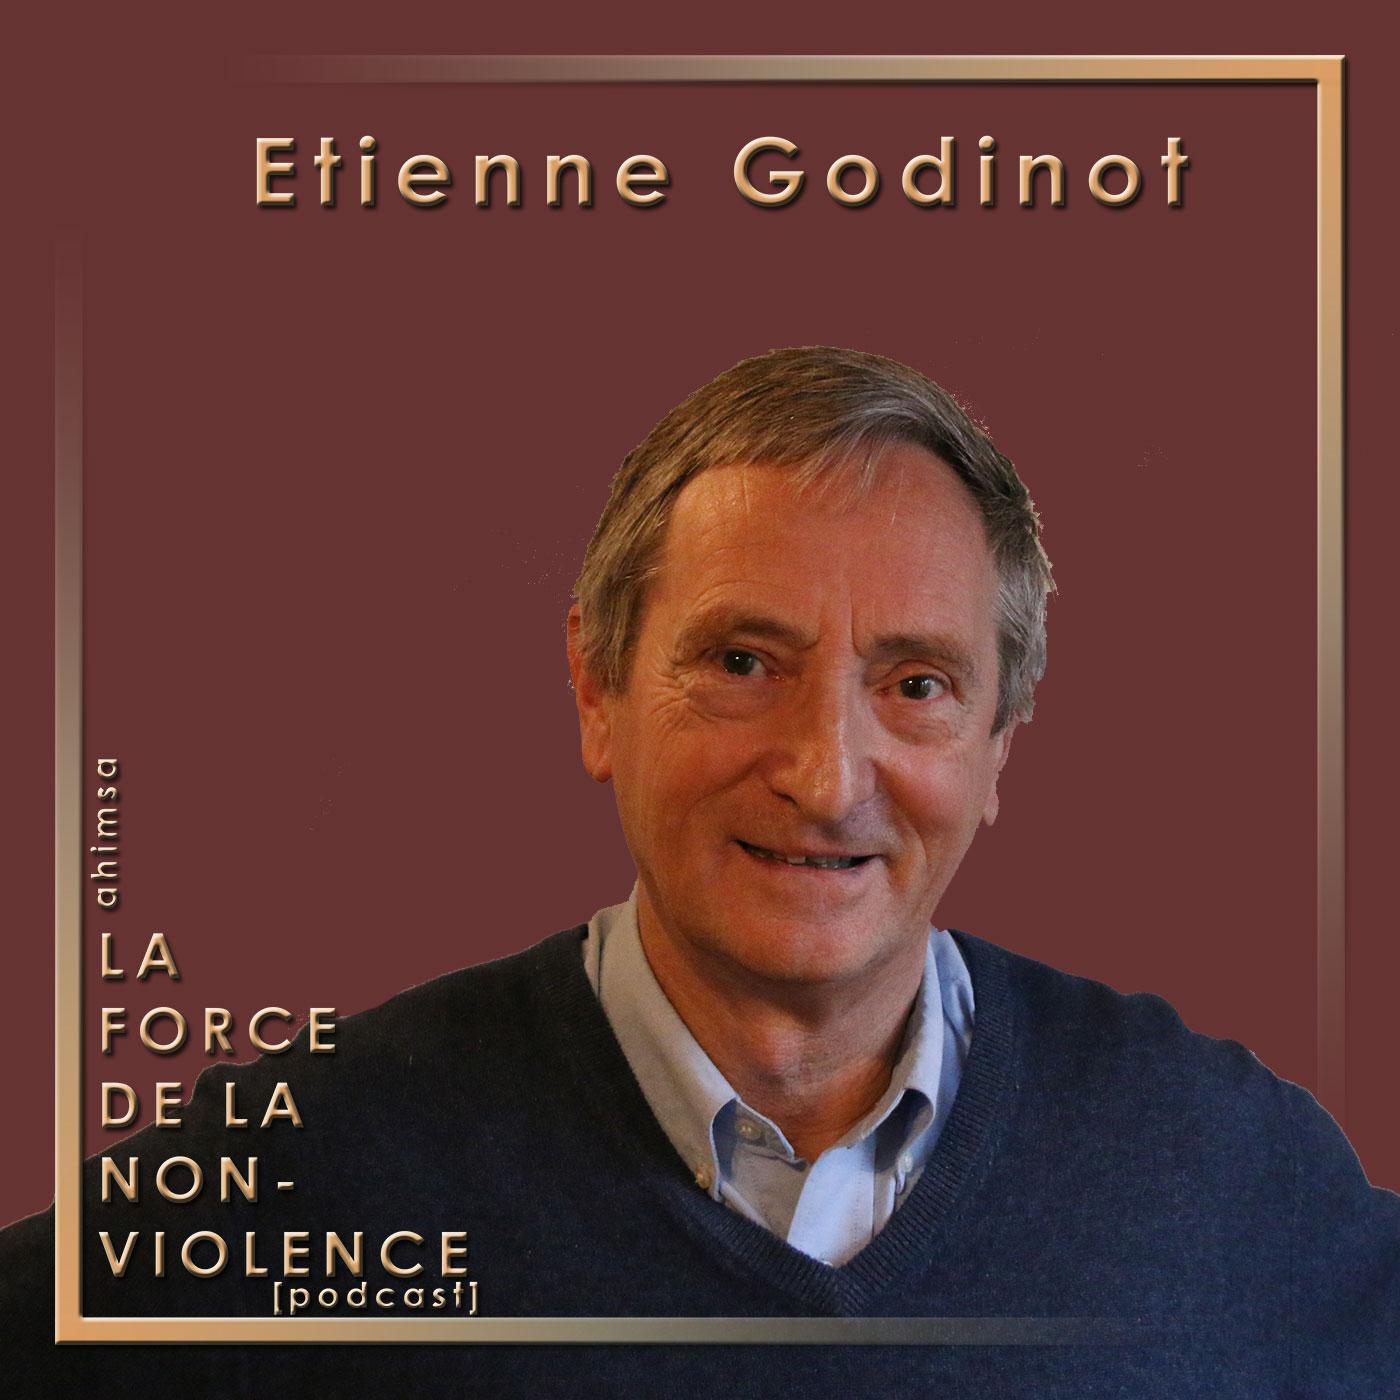 Etienne Godinot - podcast - La Force de la Non-violence